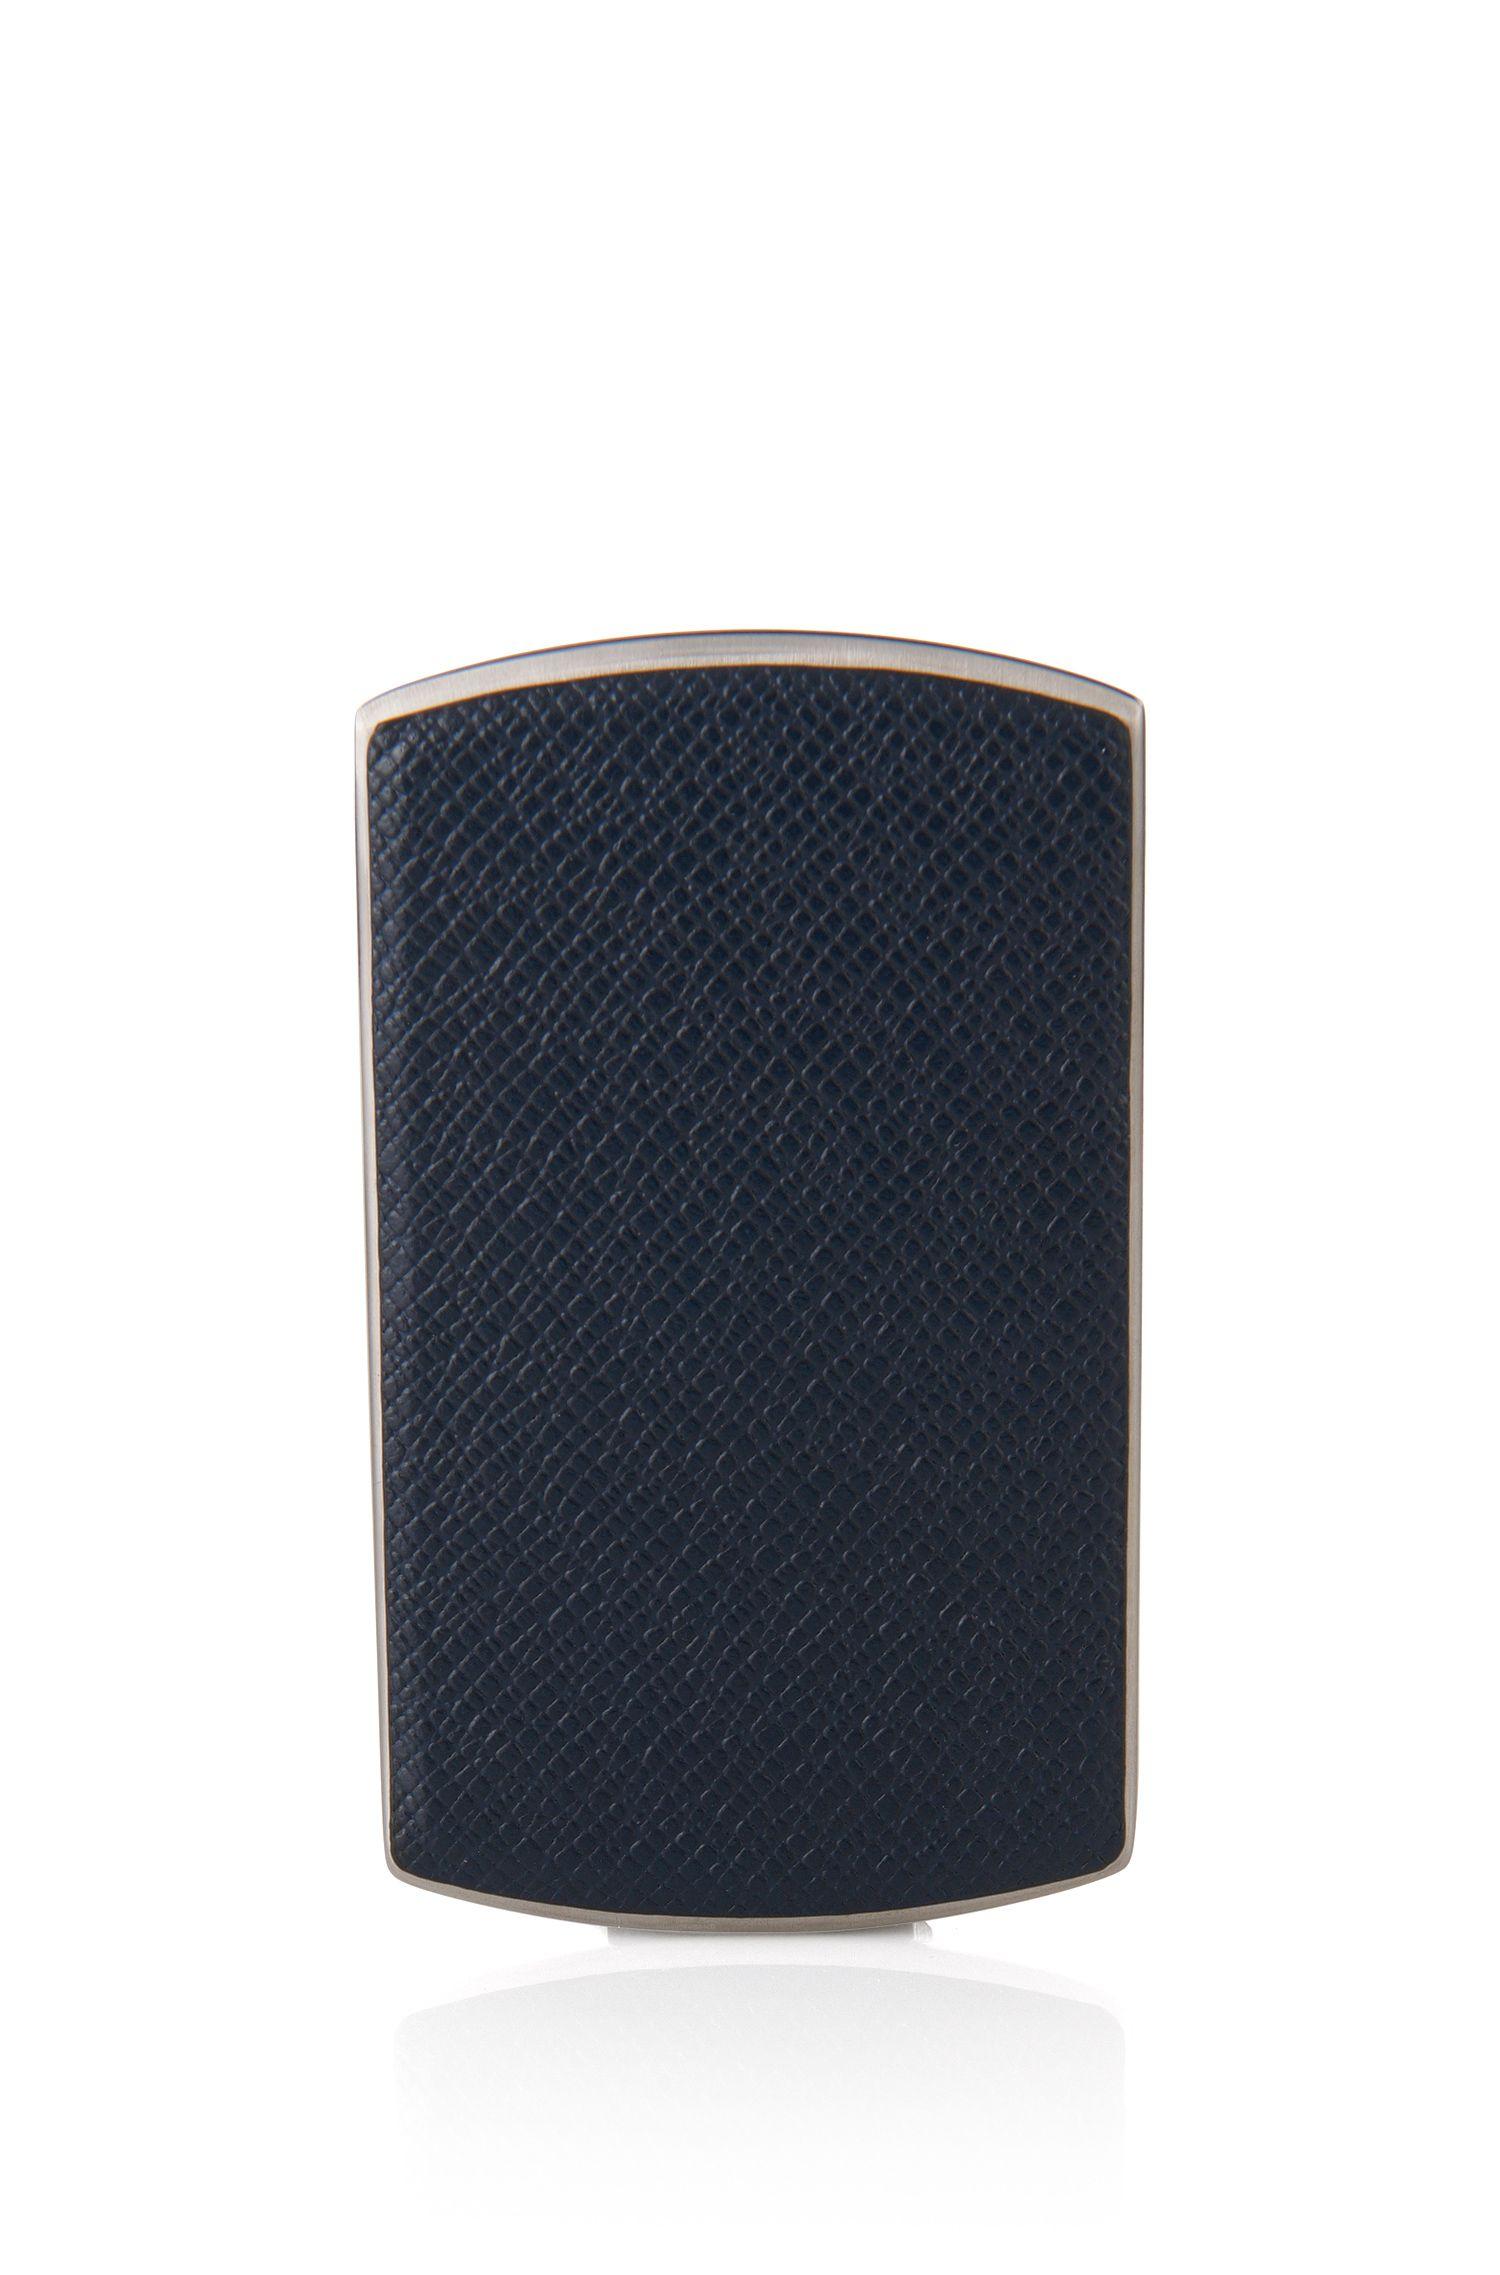 Porte-cartes en métal et cuir de la collection Signature